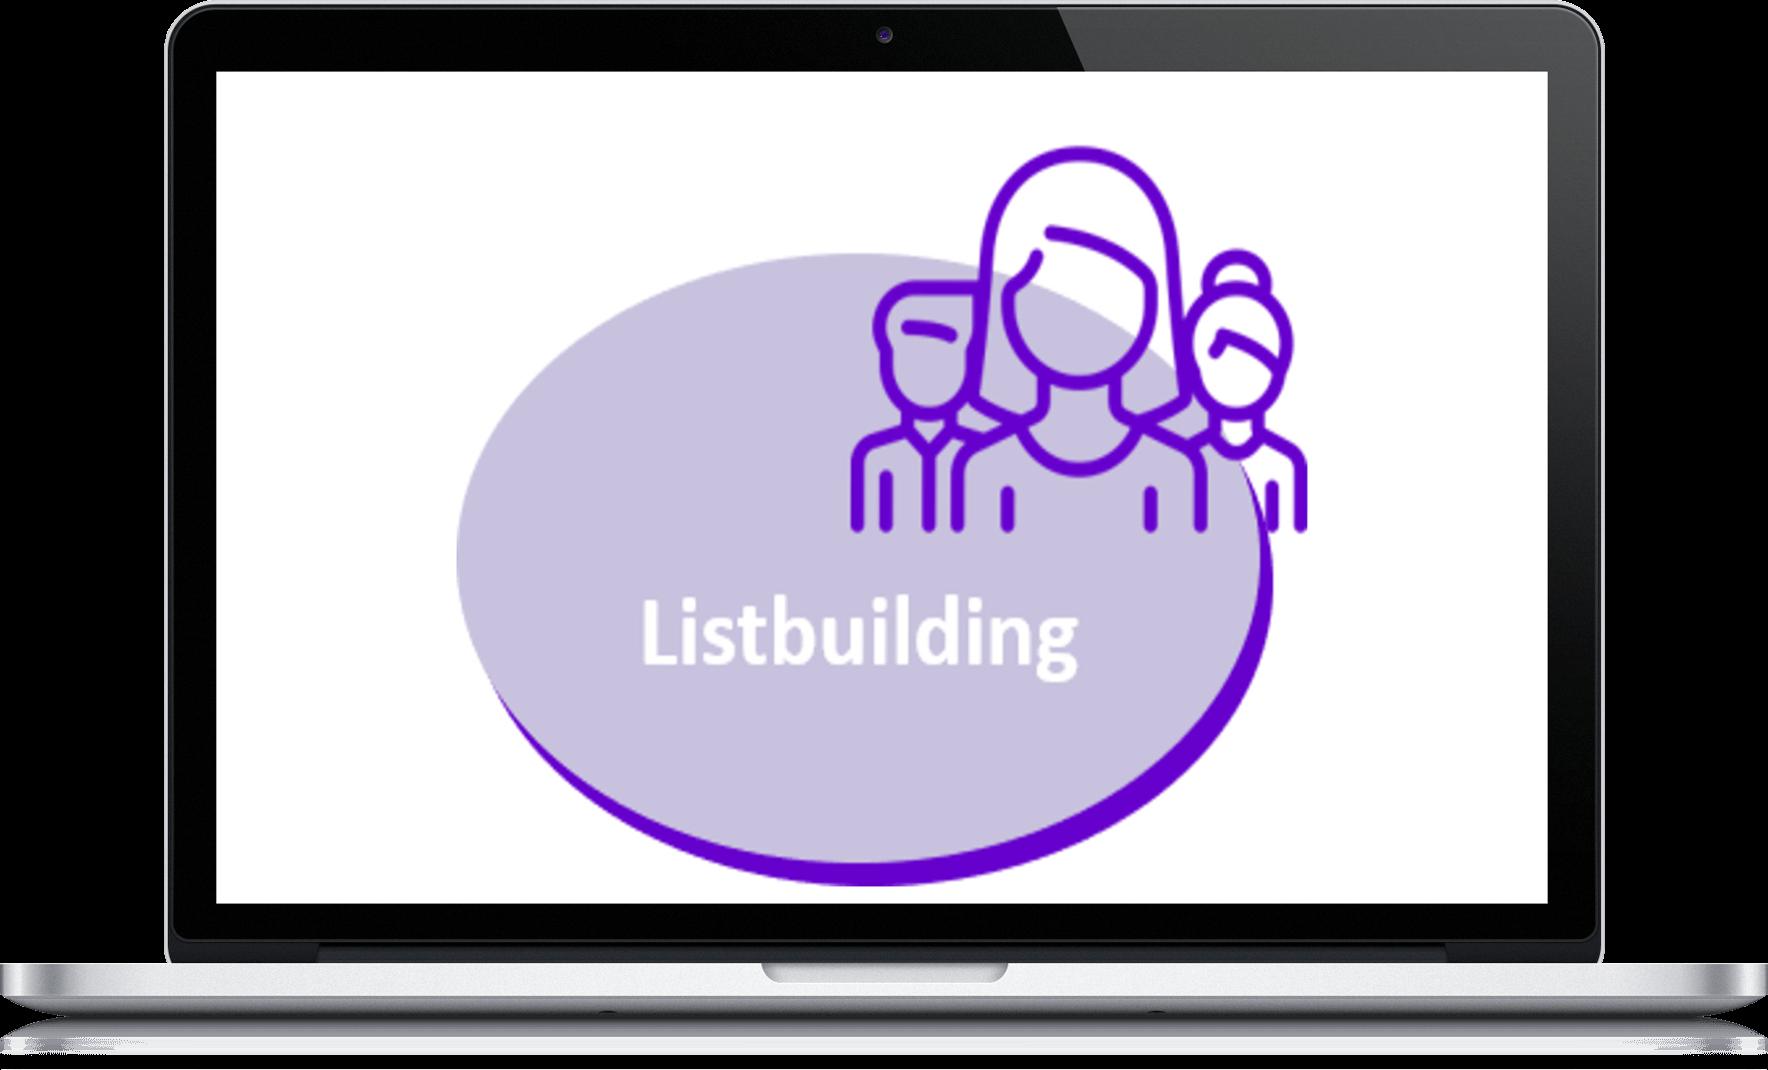 Listbuilding 3D